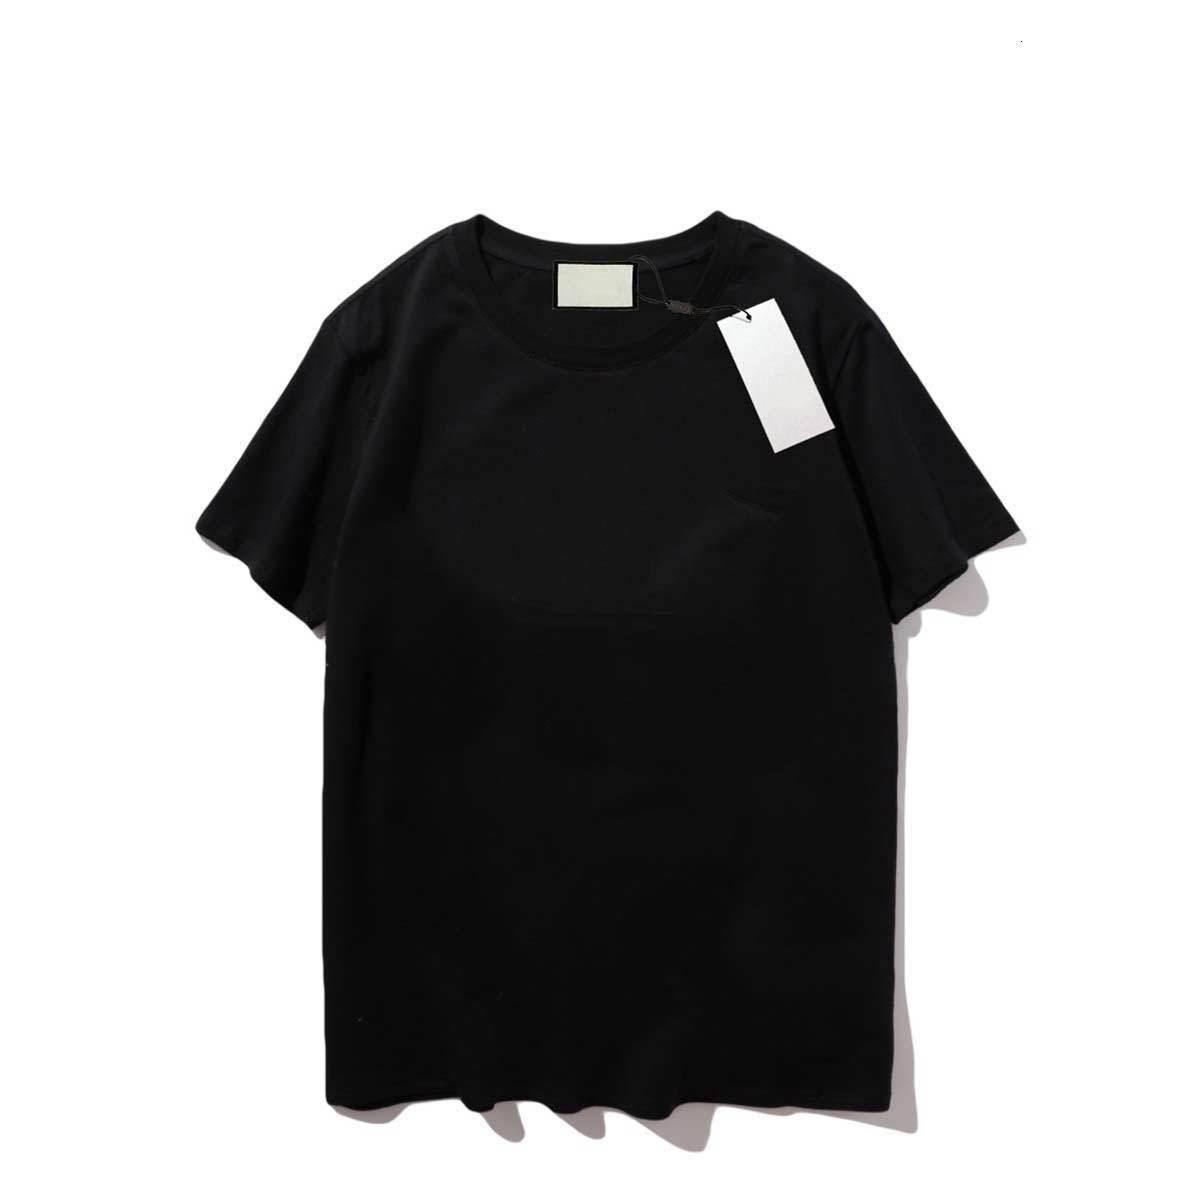 Hommes stylistes amis hommes femmes t-shirt haute qualité noir blanc orange concepteur vêtements s-xxl g12